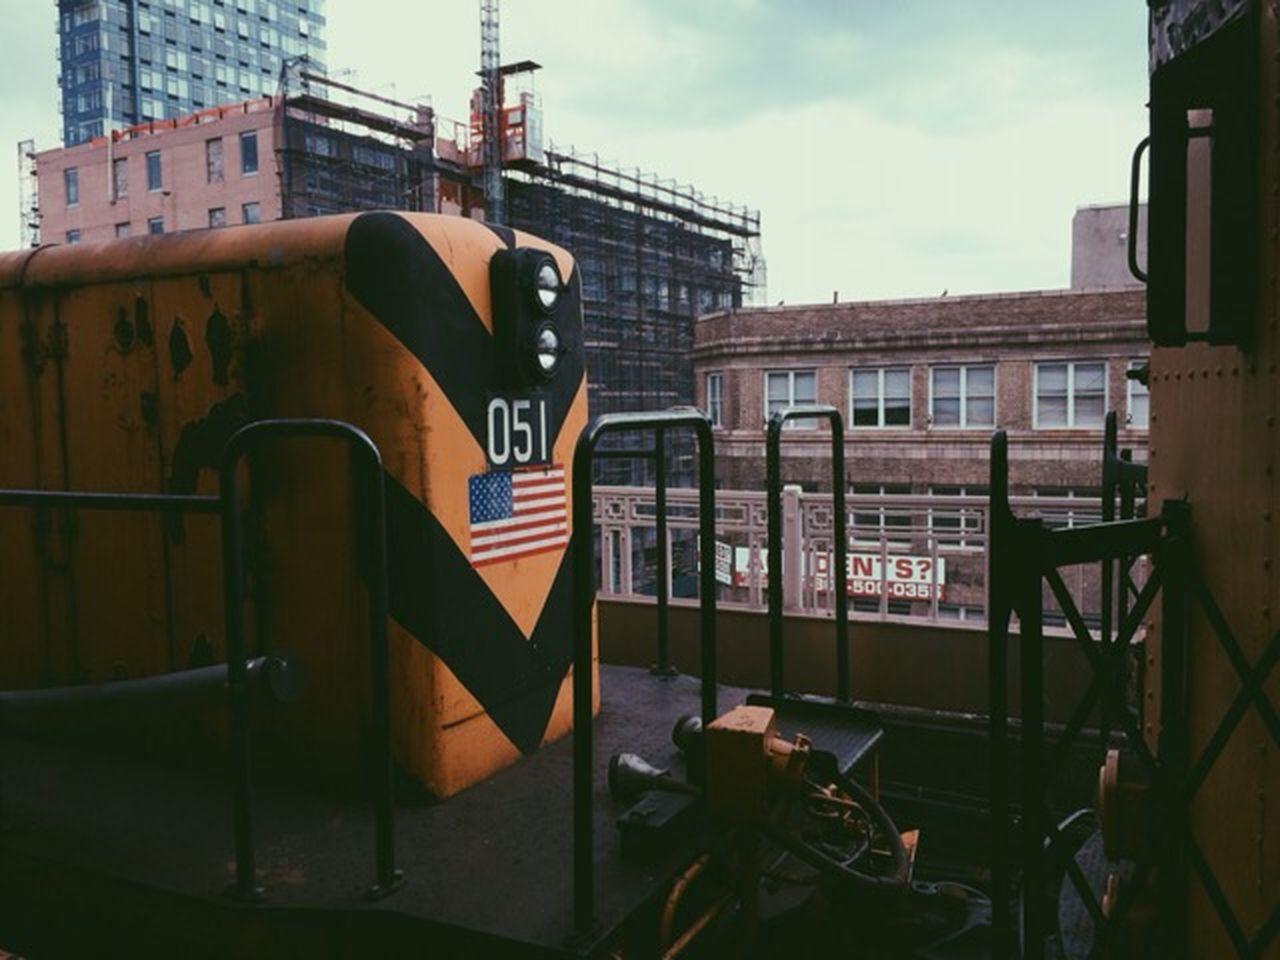 NYC New York Subway